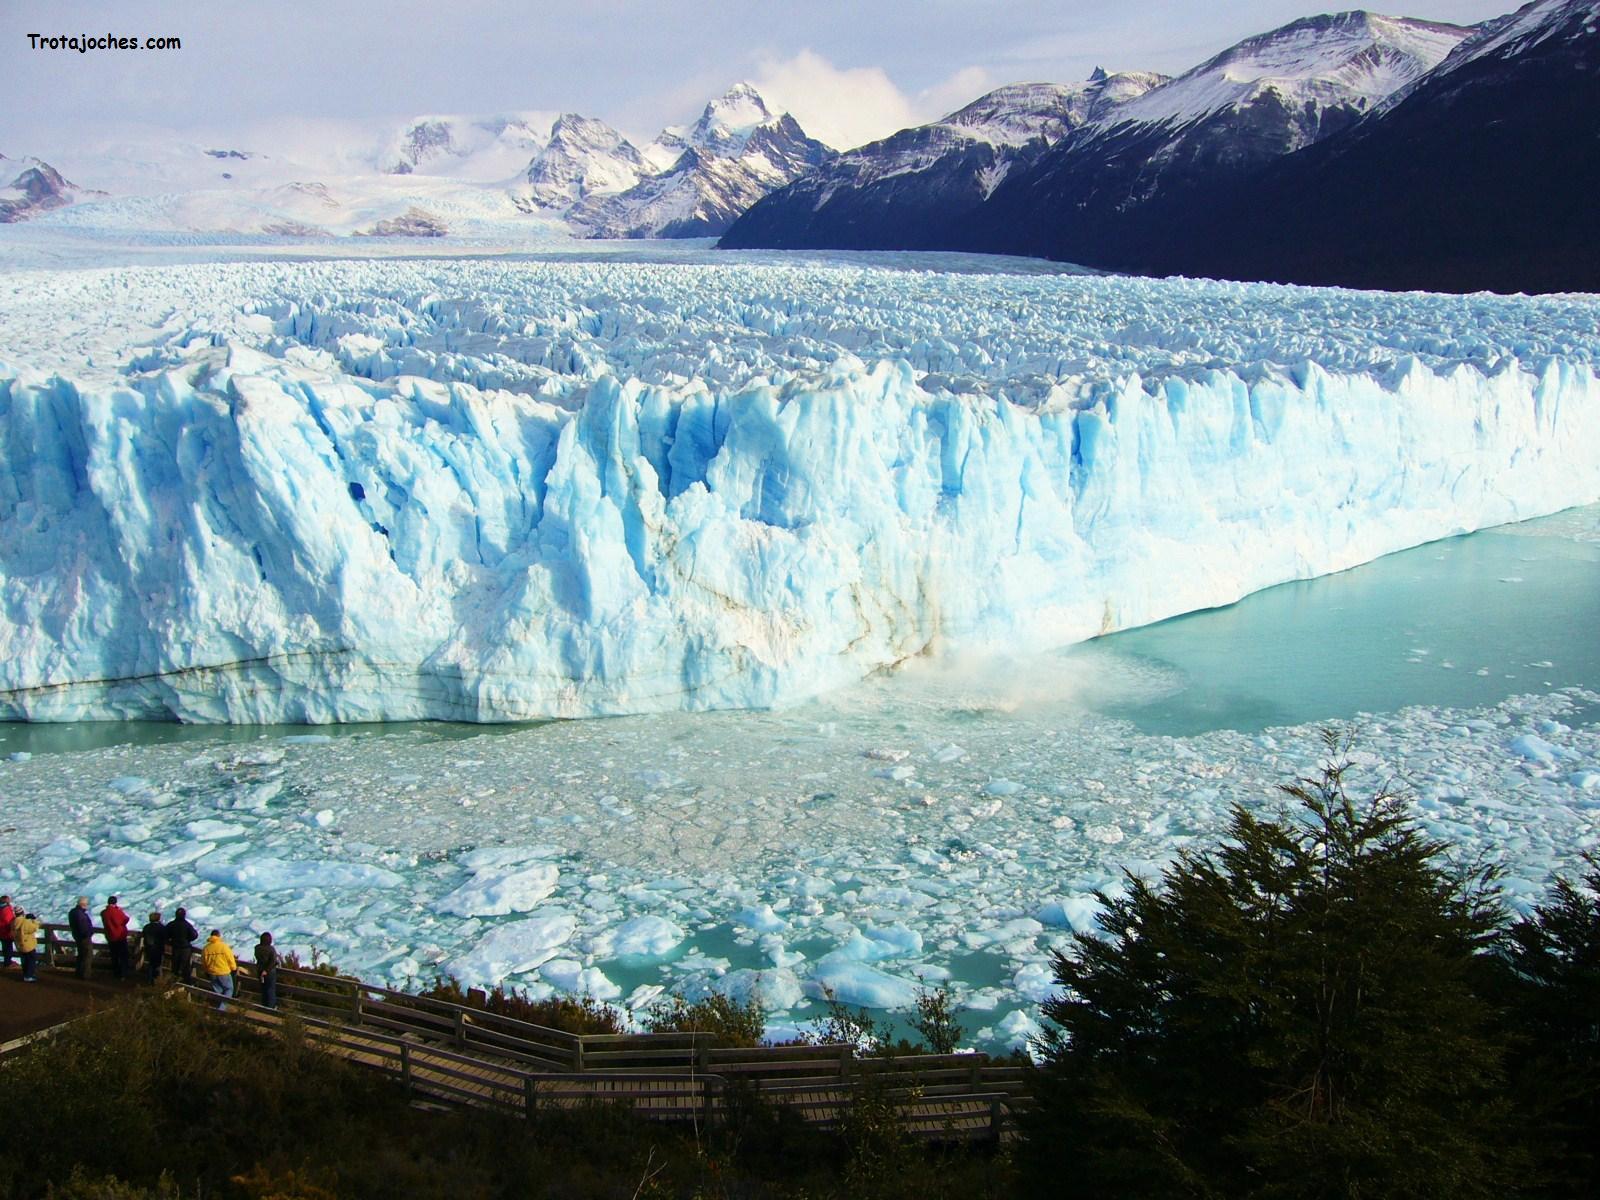 El glaciar del Perito Moreno en Argentina